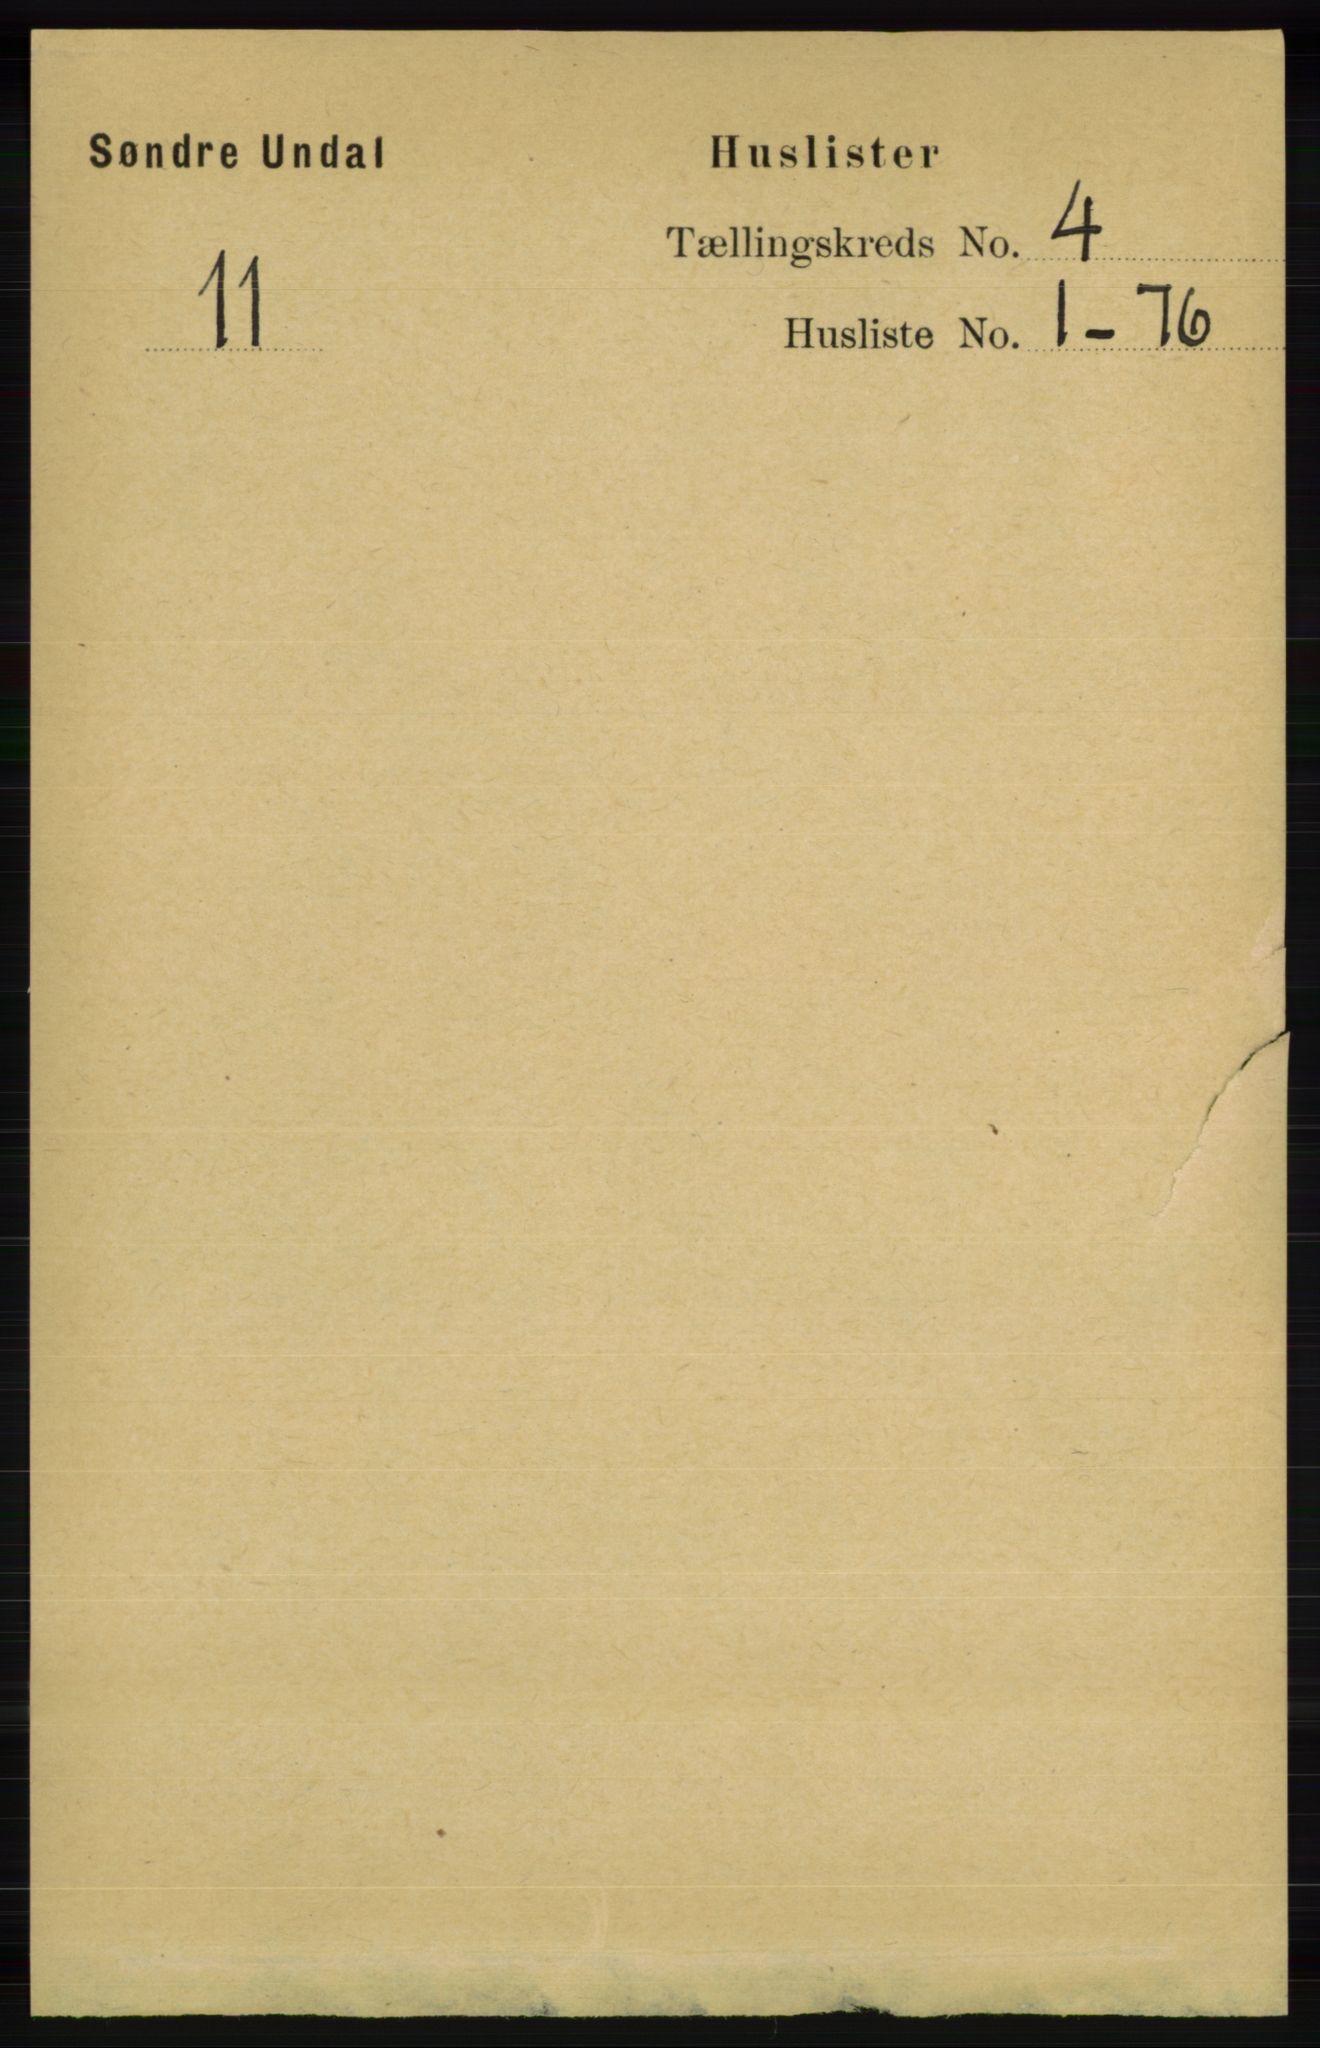 RA, Folketelling 1891 for 1029 Sør-Audnedal herred, 1891, s. 1330